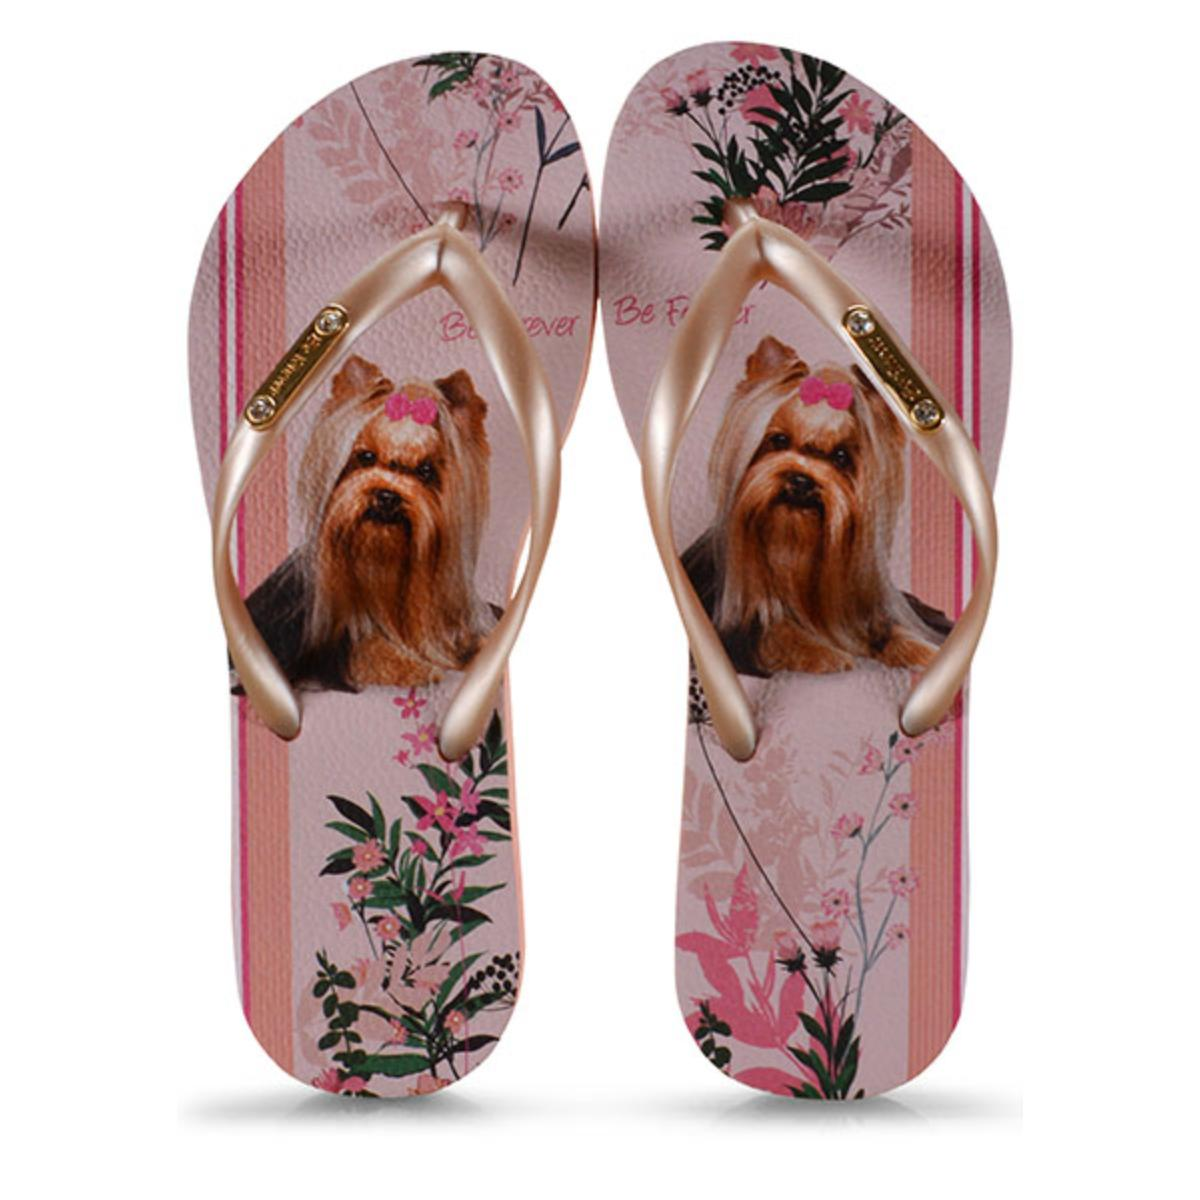 Chinelo Feminino Rafitthy 110.01702 York Blossom Stripes Nude/dourado